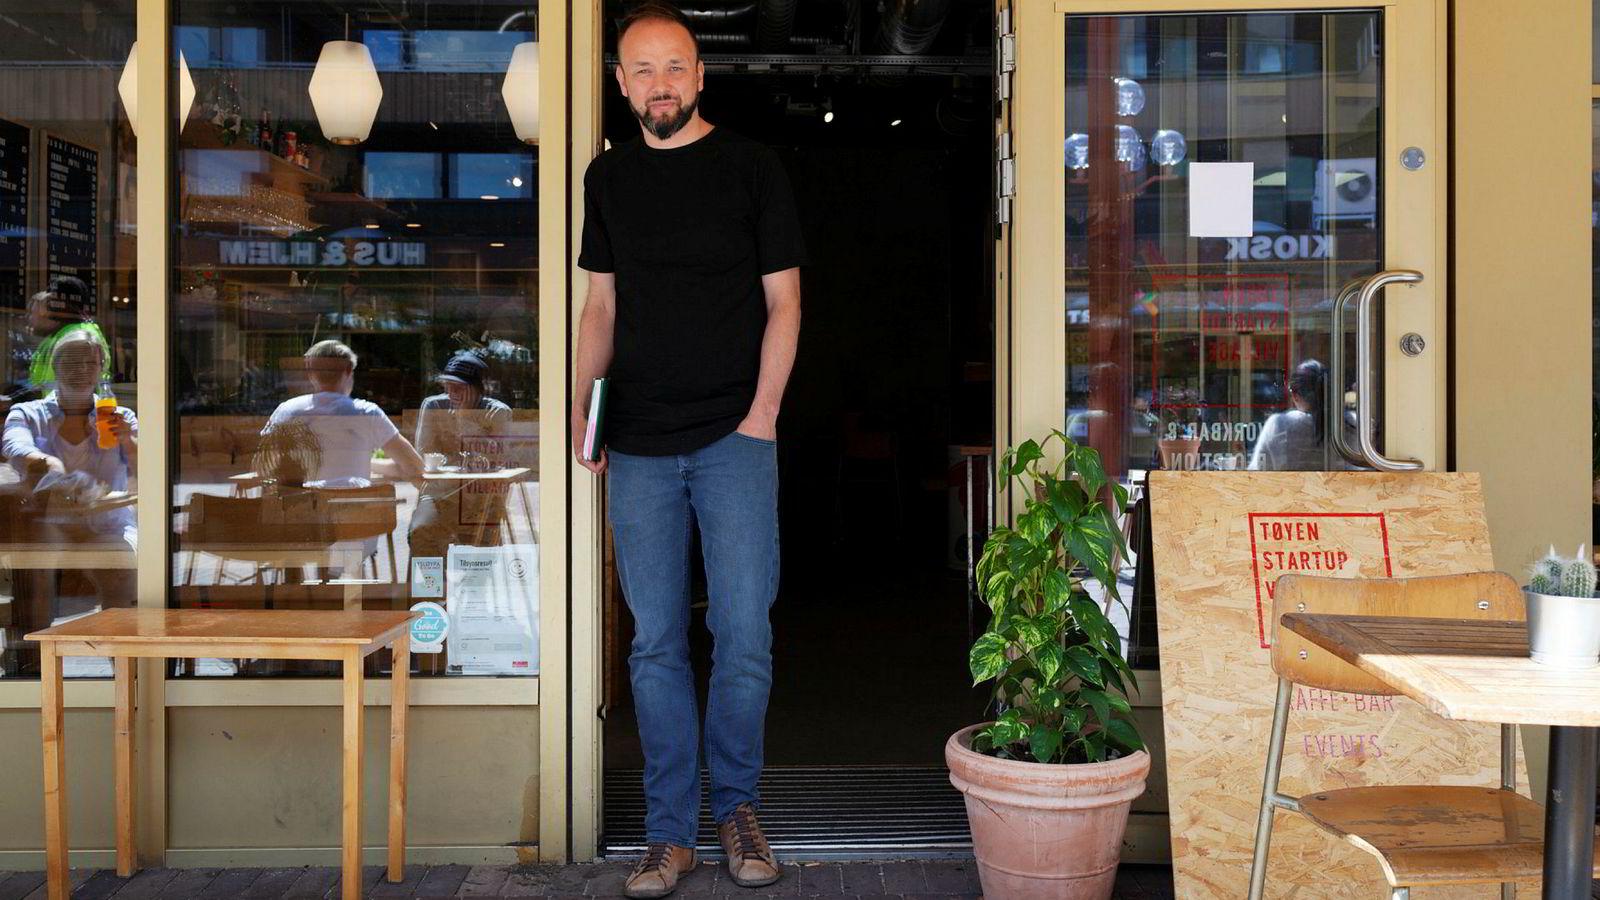 Lendo-sjef Ådne Skjelstad ser en tøffere tid i vente for forbrukslånsmarkedet, og allerede én måned etter at nye lånereguleringer ble innført viser det seg tøffere for låneagenten.